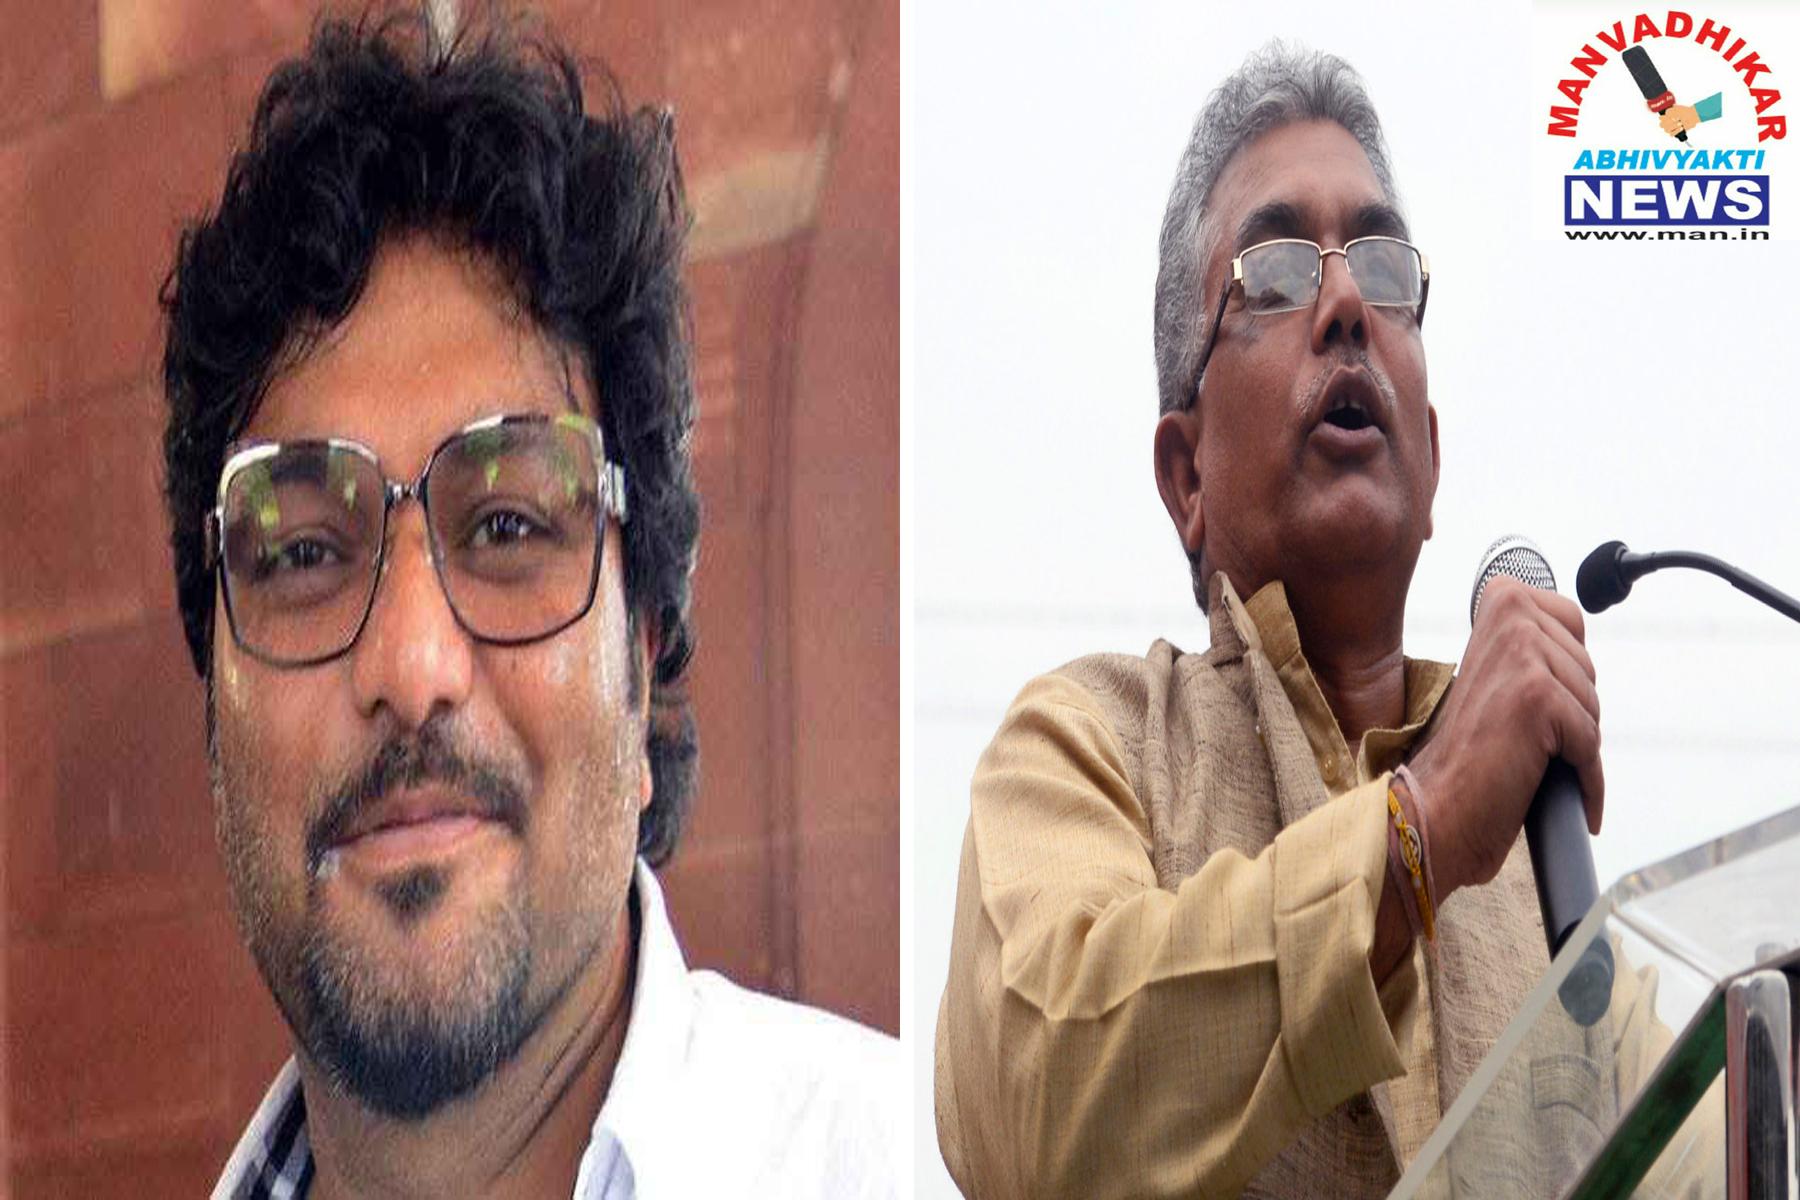 बीजेपी प्रदेश अध्यक्ष दिलीप घोष ने ममता बनर्जी पर साधा निशाना, कहा- जाधवपुर विवि में करेंगे 'सर्जिकल स्ट्राइक'